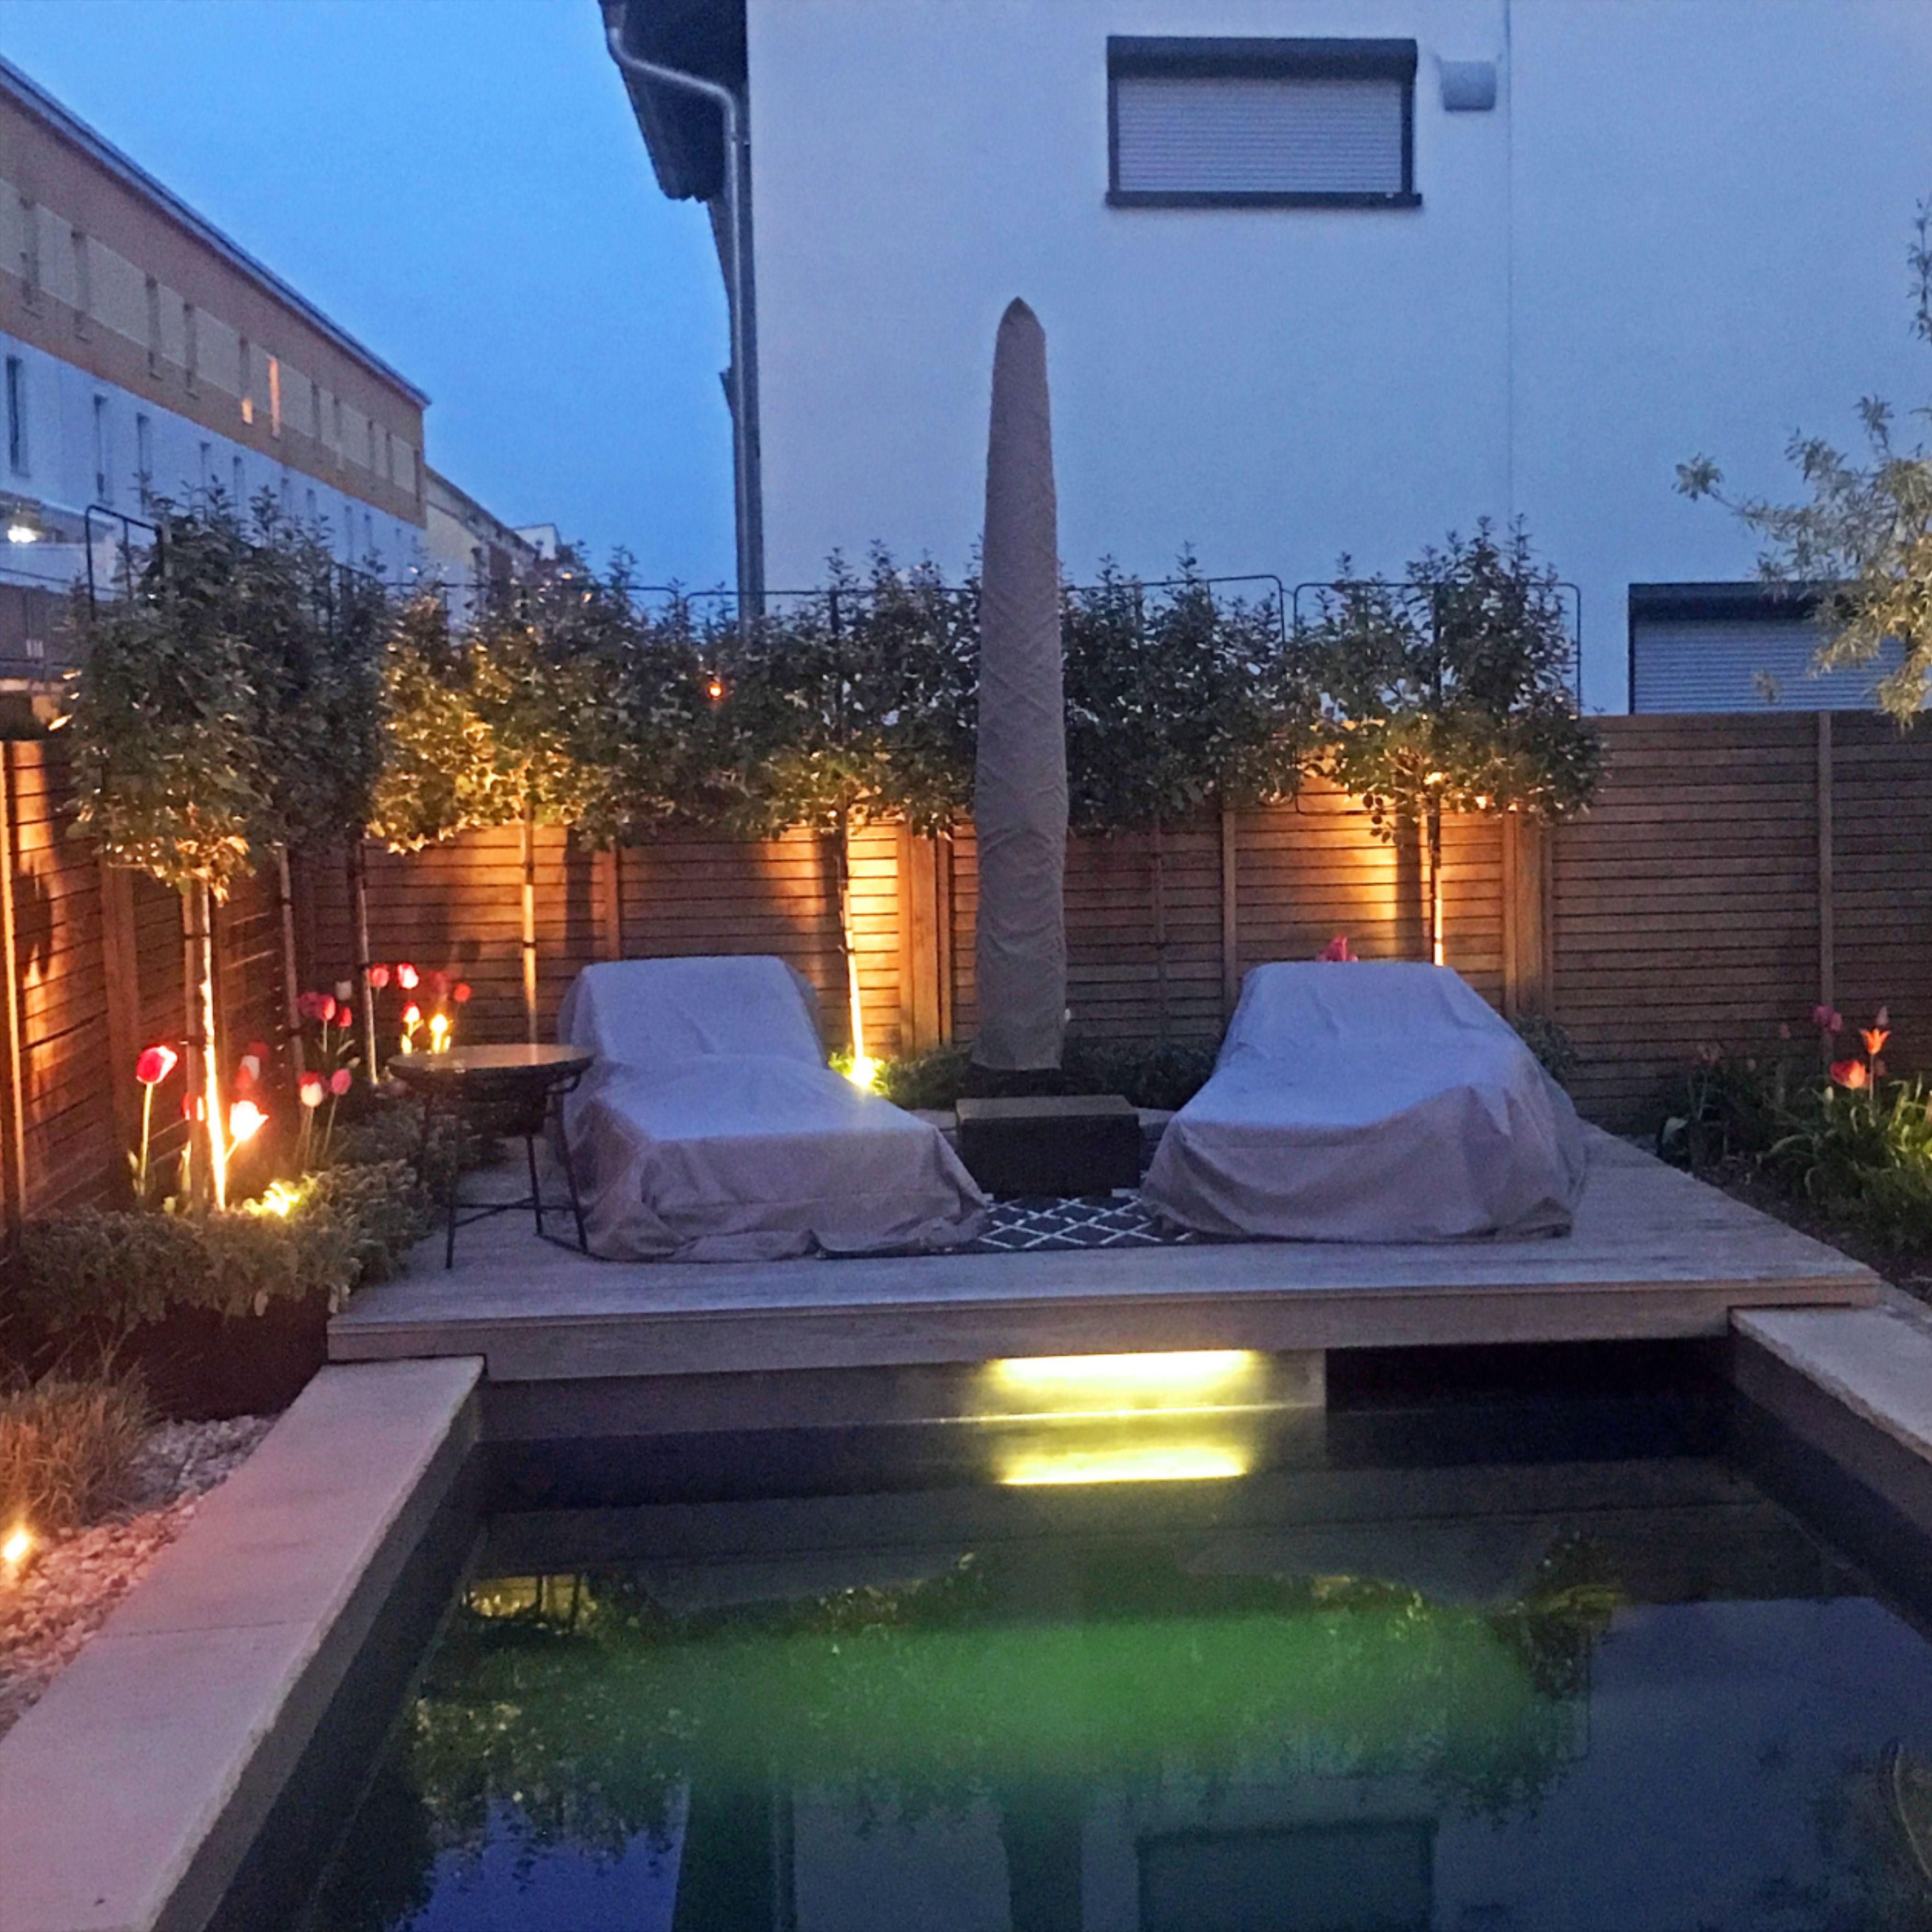 Pool Beleuchtung In 2020 Pool Beleuchtung Gartenbeleuchtung Garten